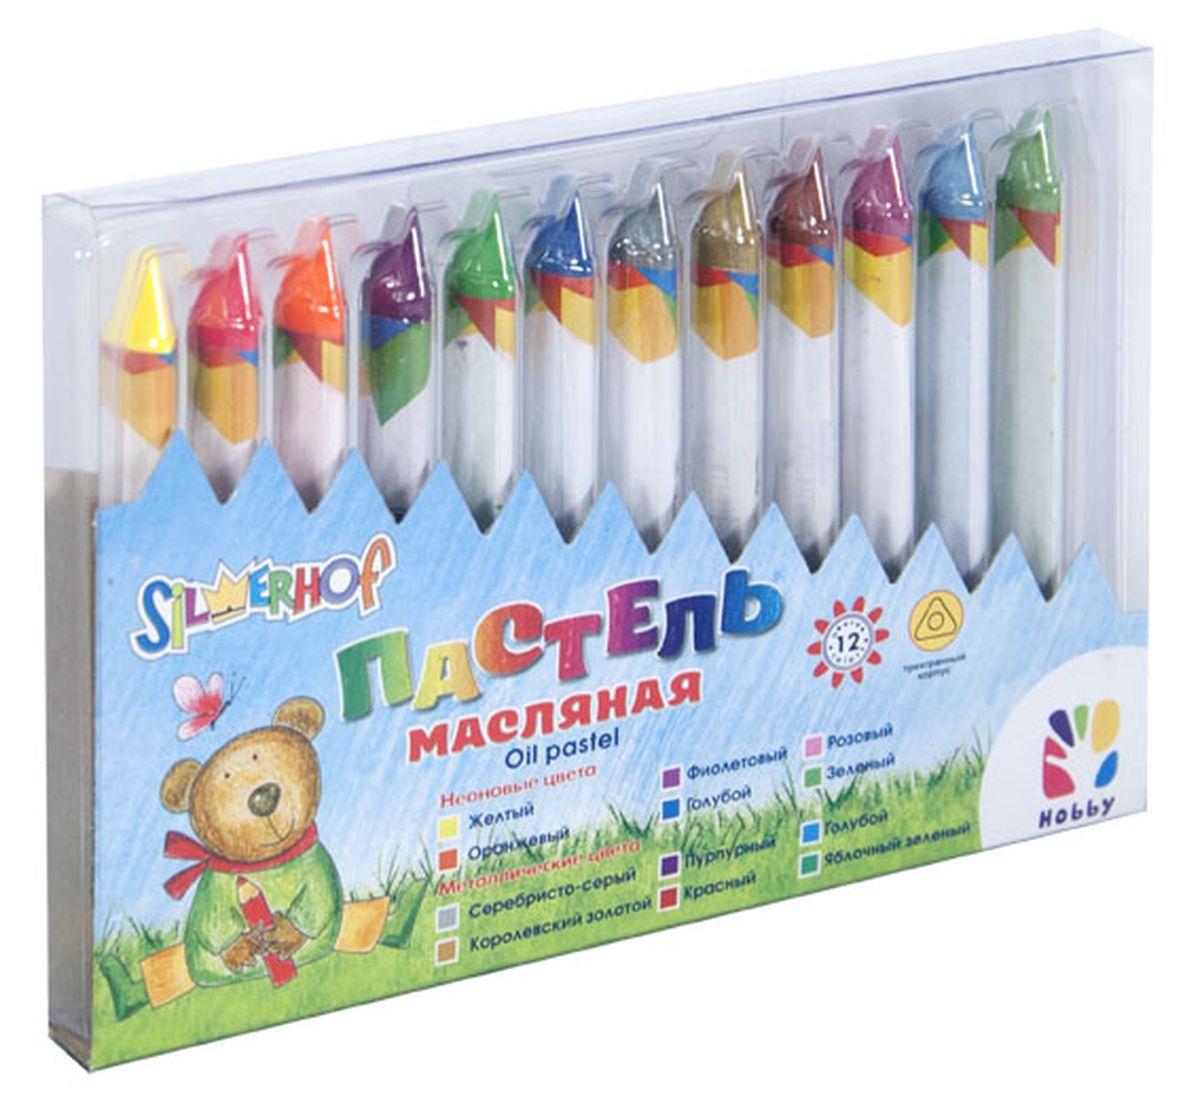 Silwerhof Пастель масляная Hobby Neon Metallic 12 цветов885004-12Набор Silwerhof содержит масляную пастель (12 ярких активных цветов). Пастель выполнена в виде мелков треугольной формы, каждый из которых обернут в бумажную гильзу.Масляной постелью Silwerhof Hobby можно рисовать в любой технике - в сочетании с цветными карандашами и красками. При работе рекомендуется использовать шероховатые поверхности - специальную бумагу, картон, холст.